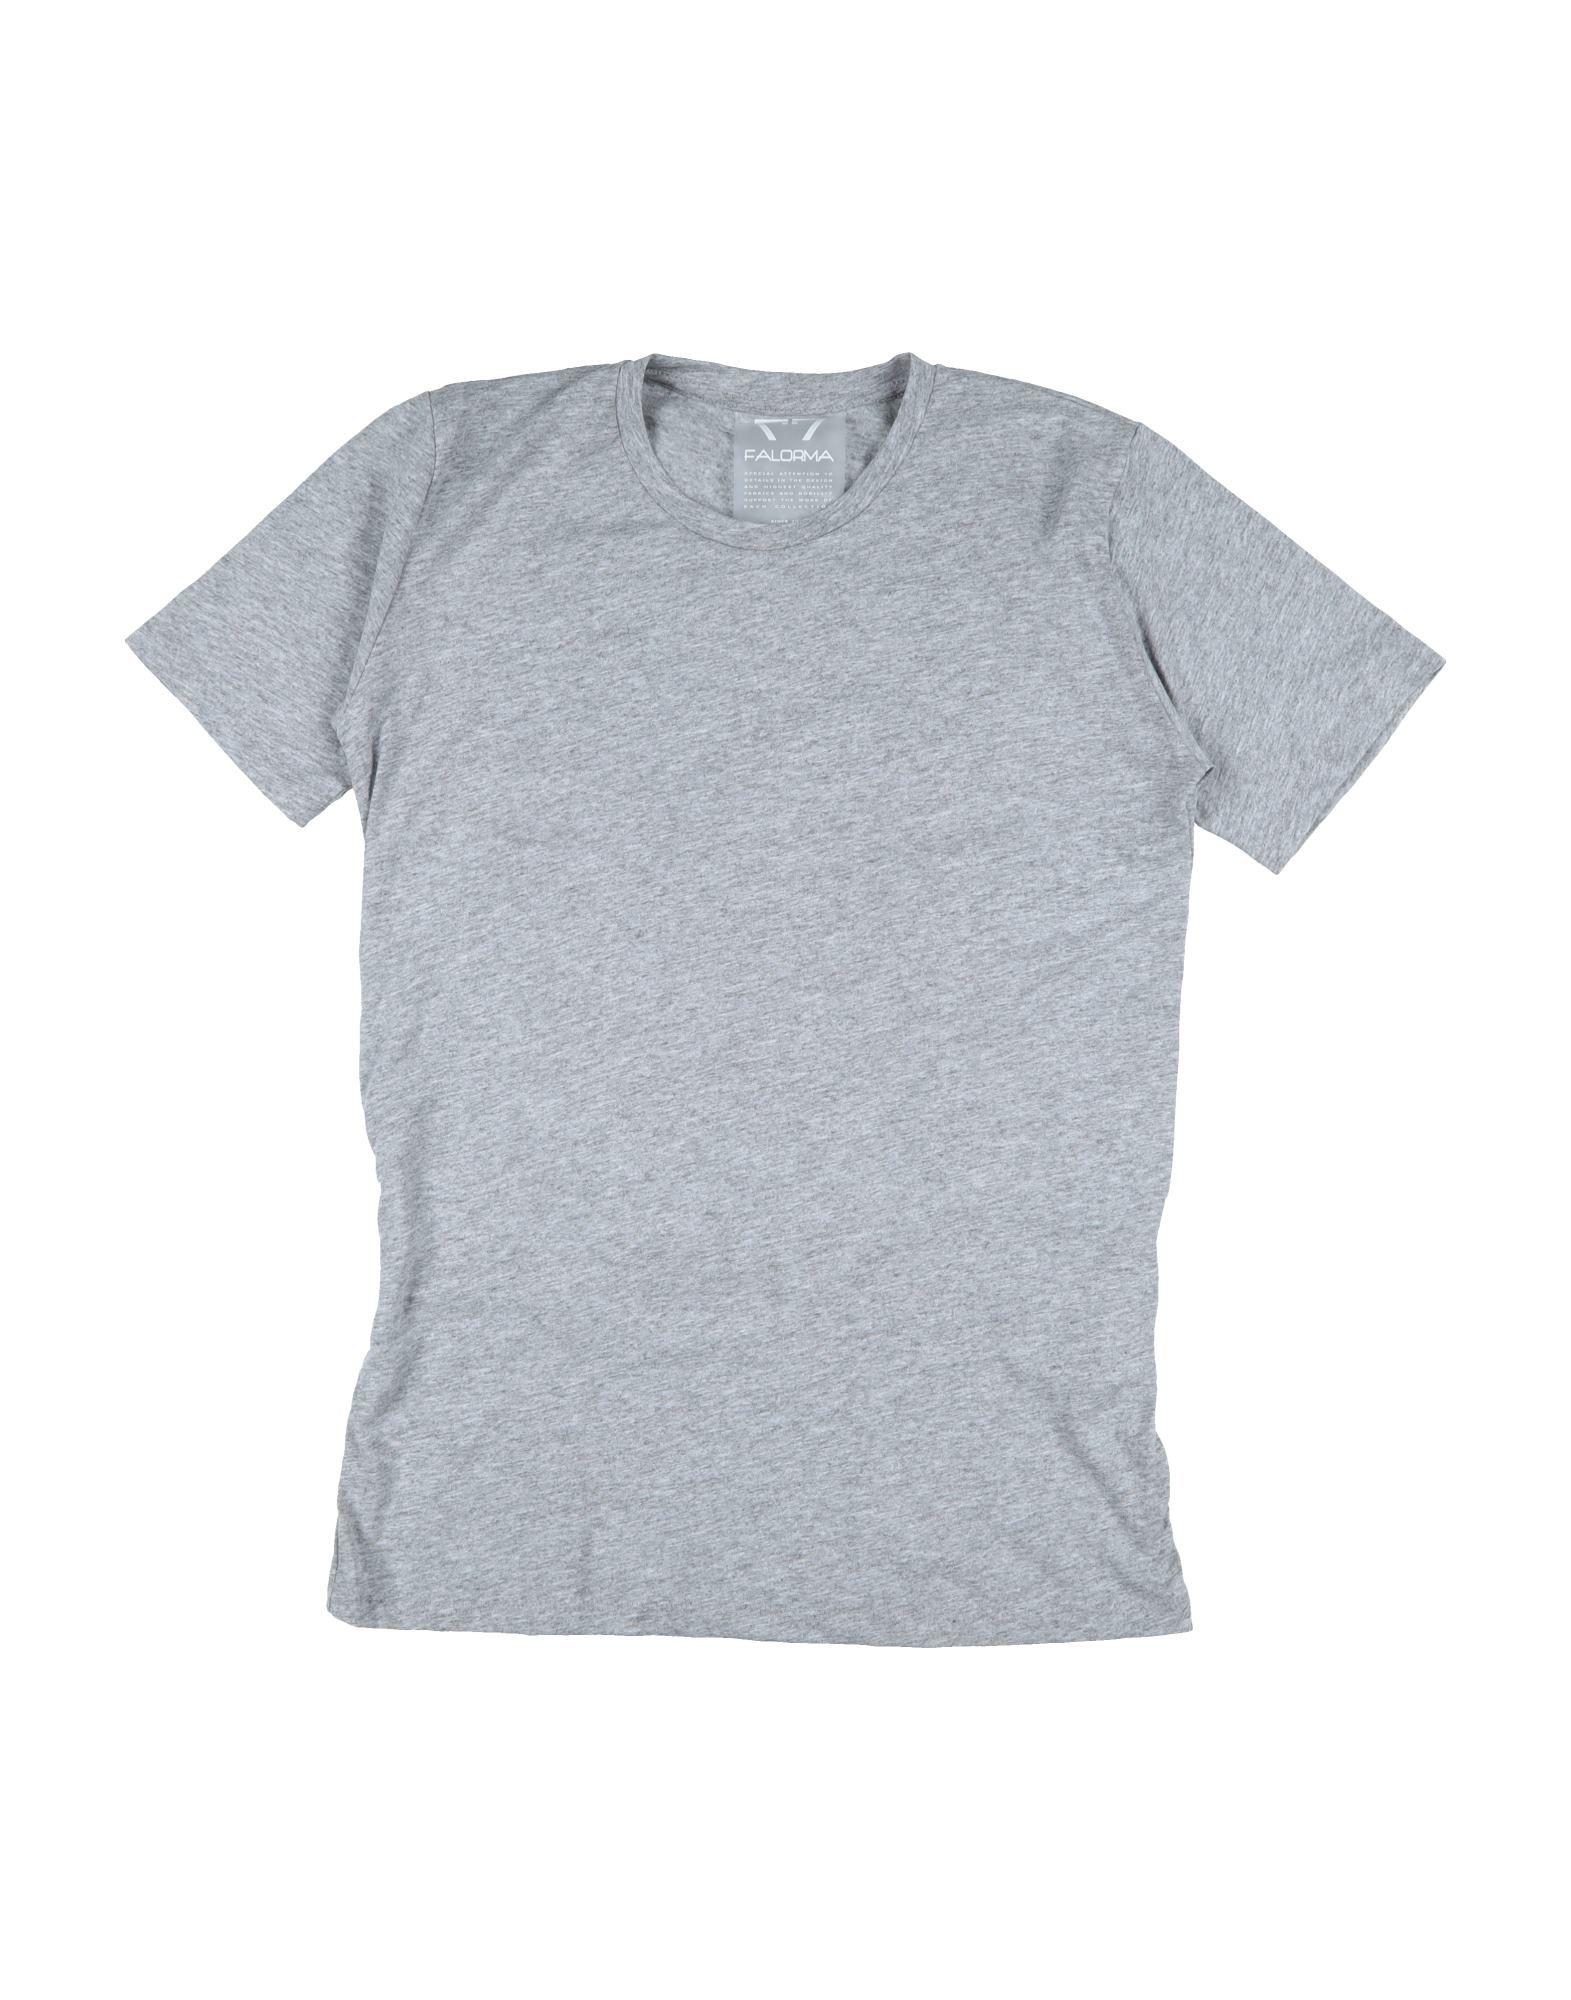 Falorma Kids' T-shirts In Gray